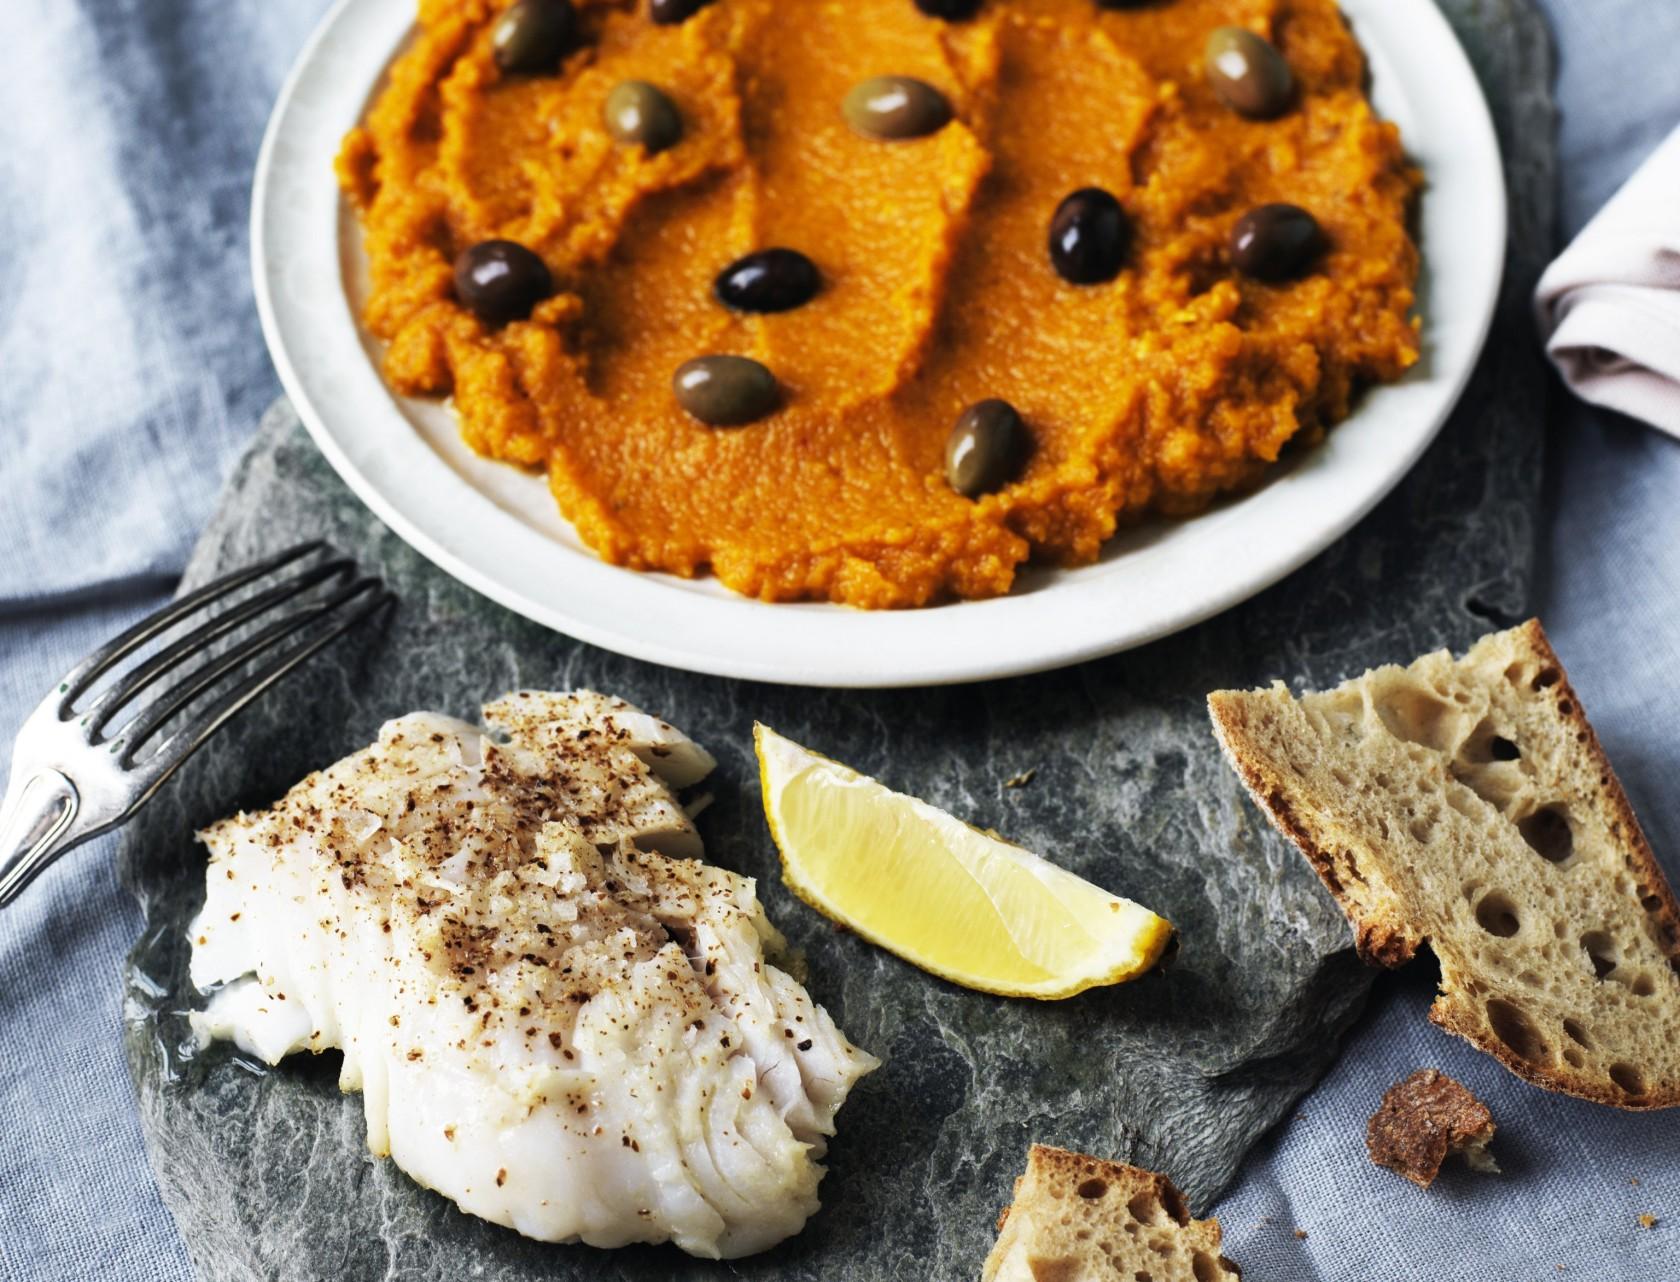 Bagt torsk med gulerodsmos - lækker opskrift på hverdagsmad!